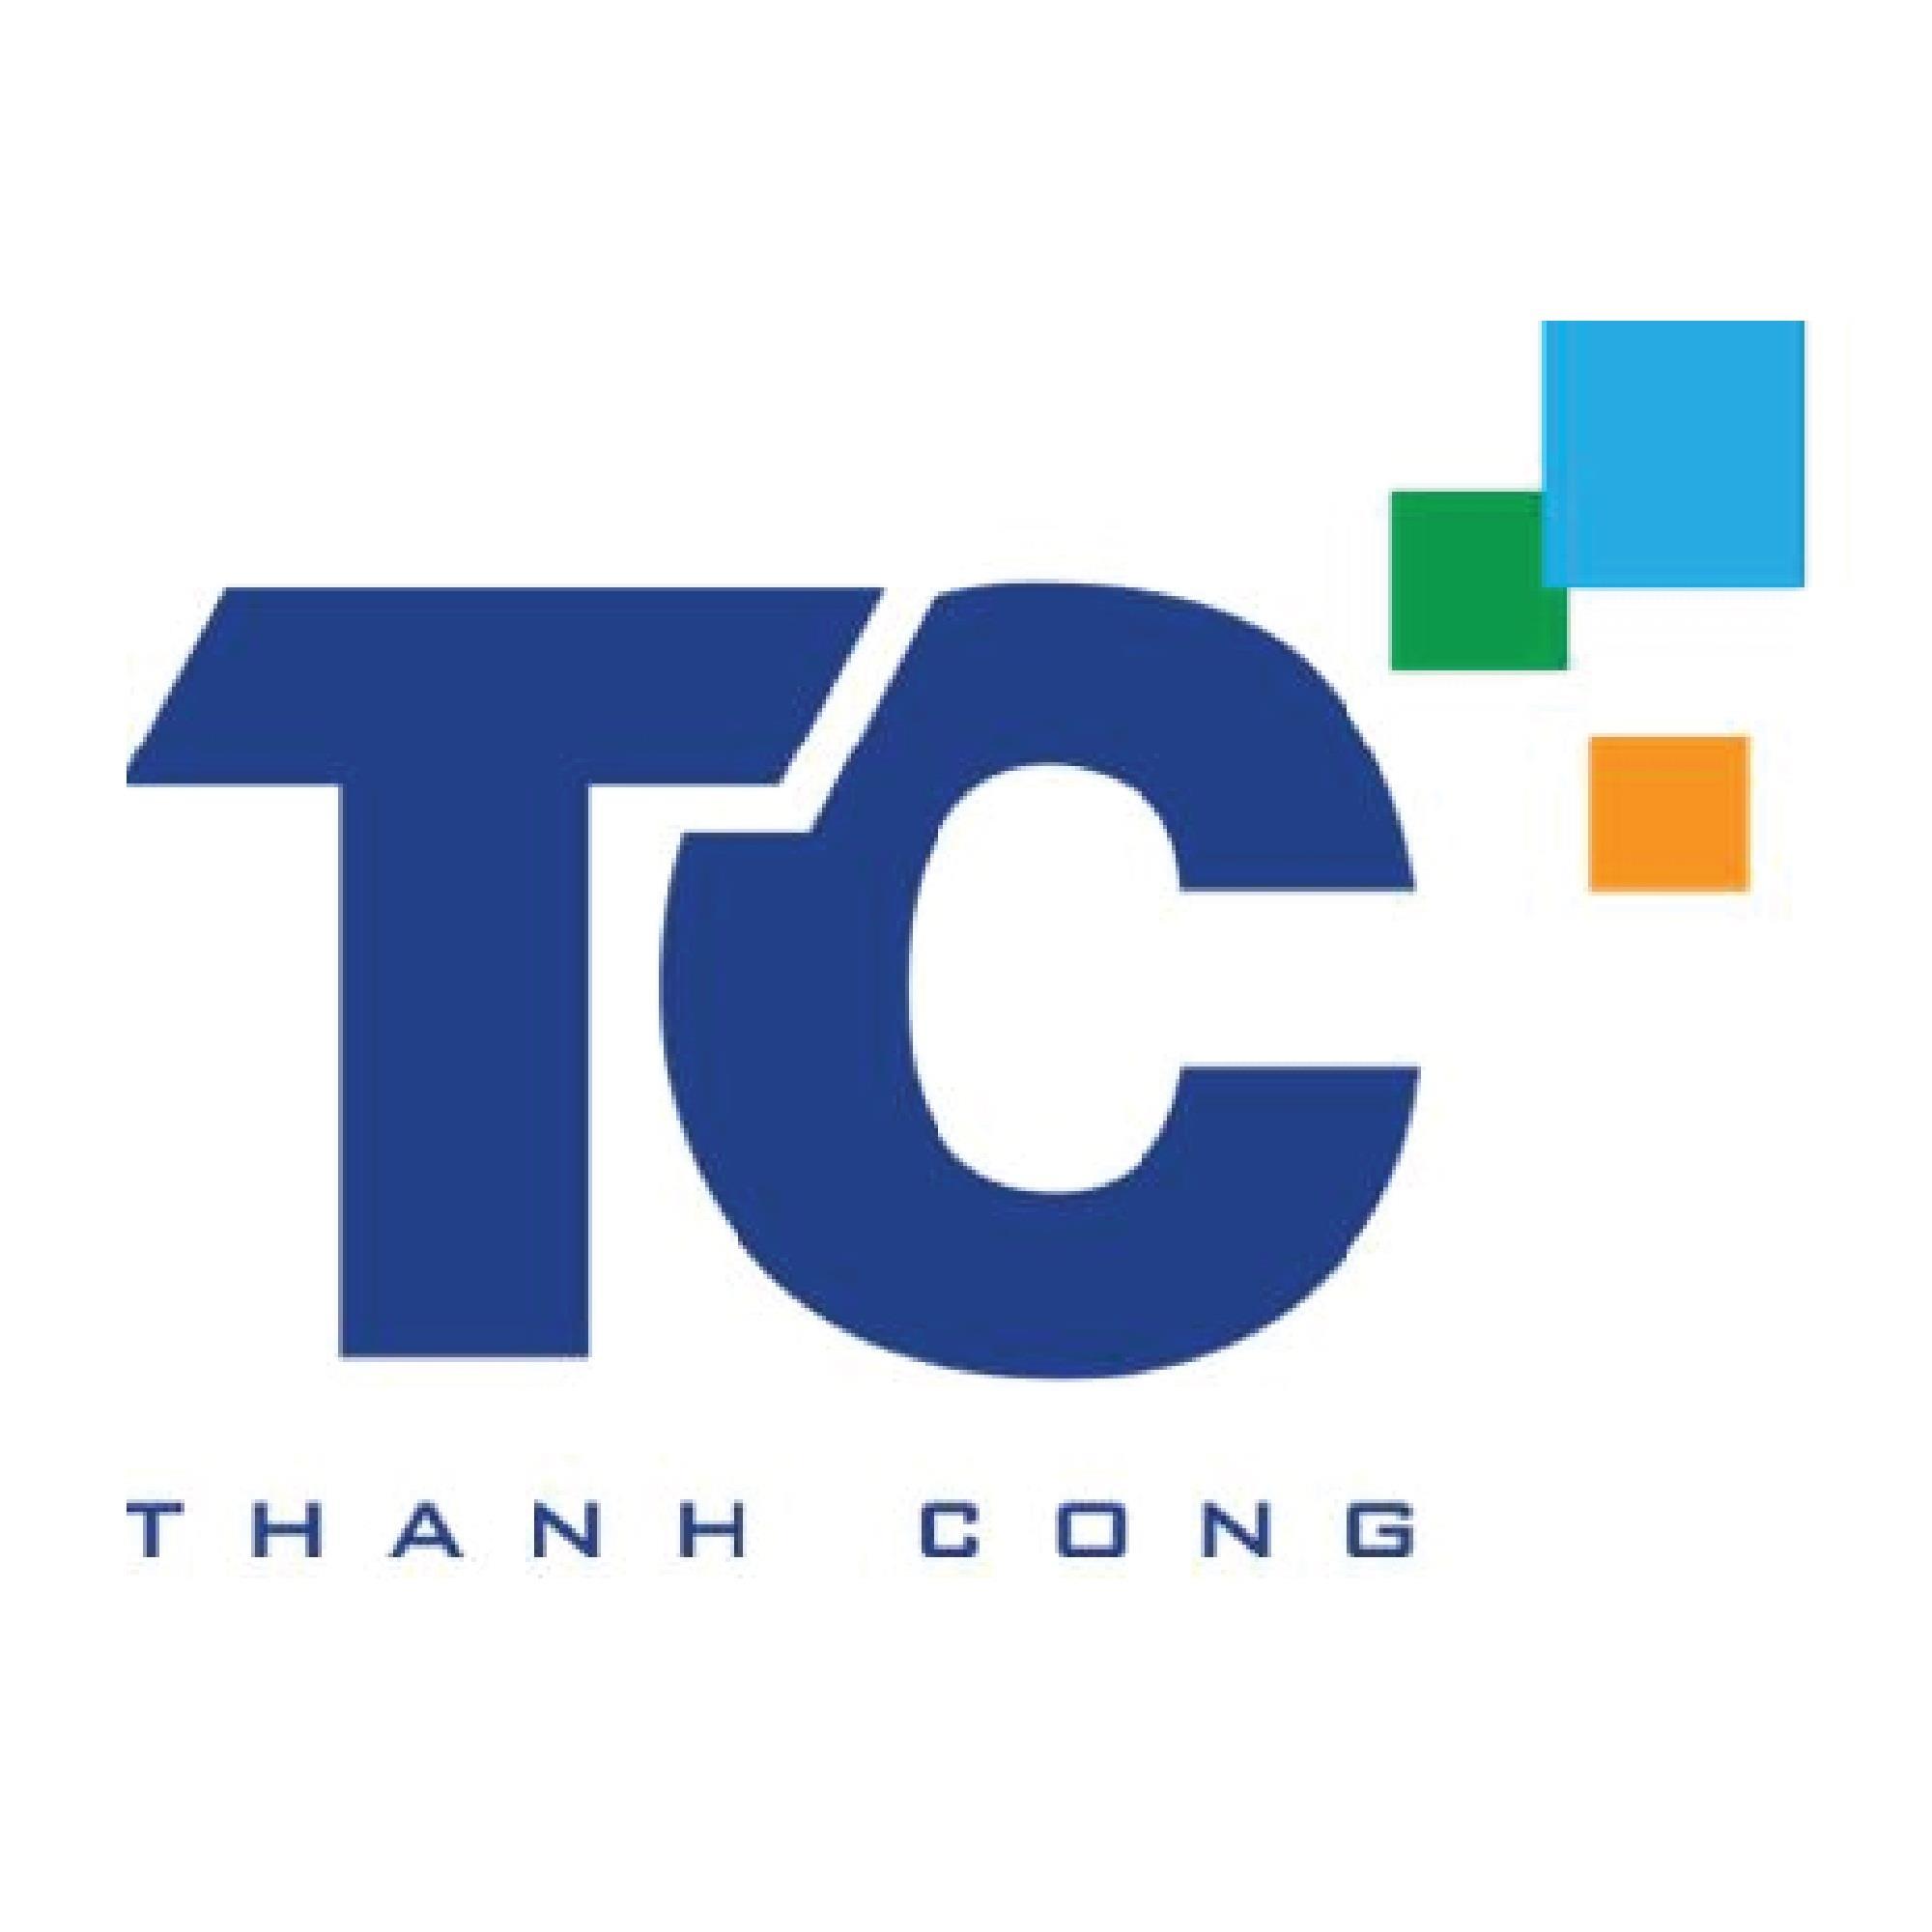 TCM: Thông báo khách hàng USA nộp đơn phá sản tại tòa án Mỹ